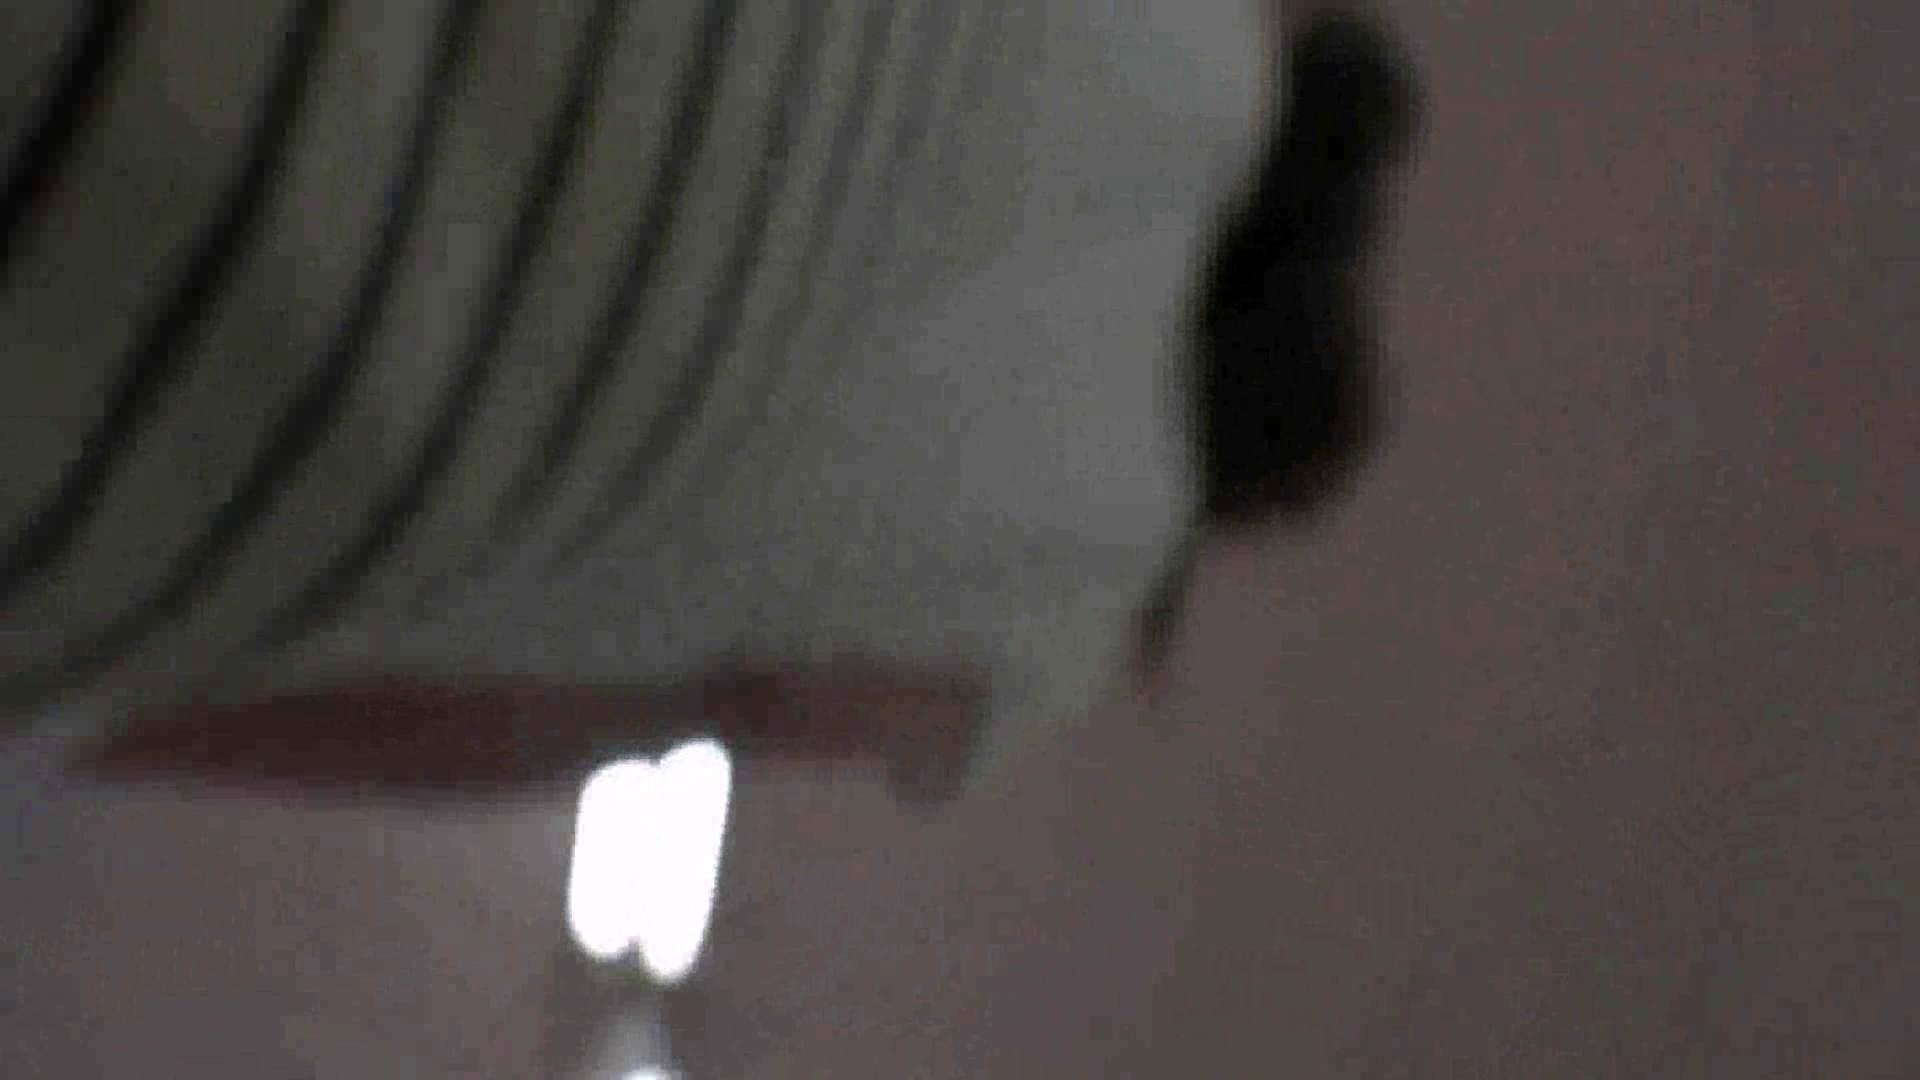 真剣に買い物中のgal達を上から下から狙います。vol.01 OLのエロ生活 | JKのエロ生活  57連発 23